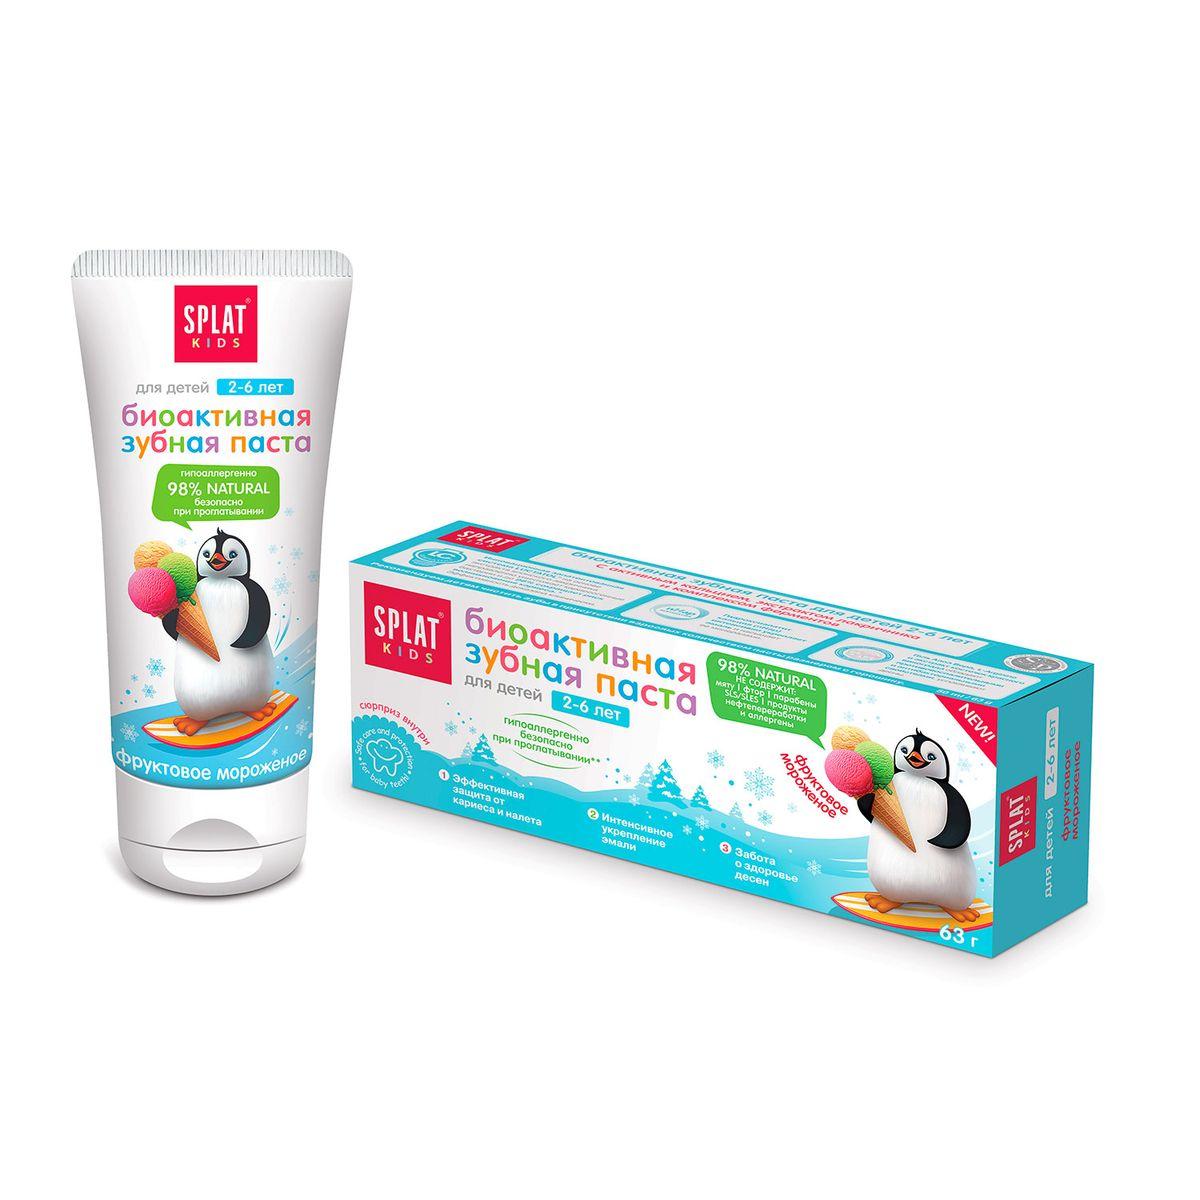 Splat Зубная паста детская Фруктовое мороженое от 2 до 6 лет 50 млФМ-201Натуральная и эффективная детская зубная паста для эффективной защиты от кариеса, интенсивного укрепления эмали и заботы о здоровье десен